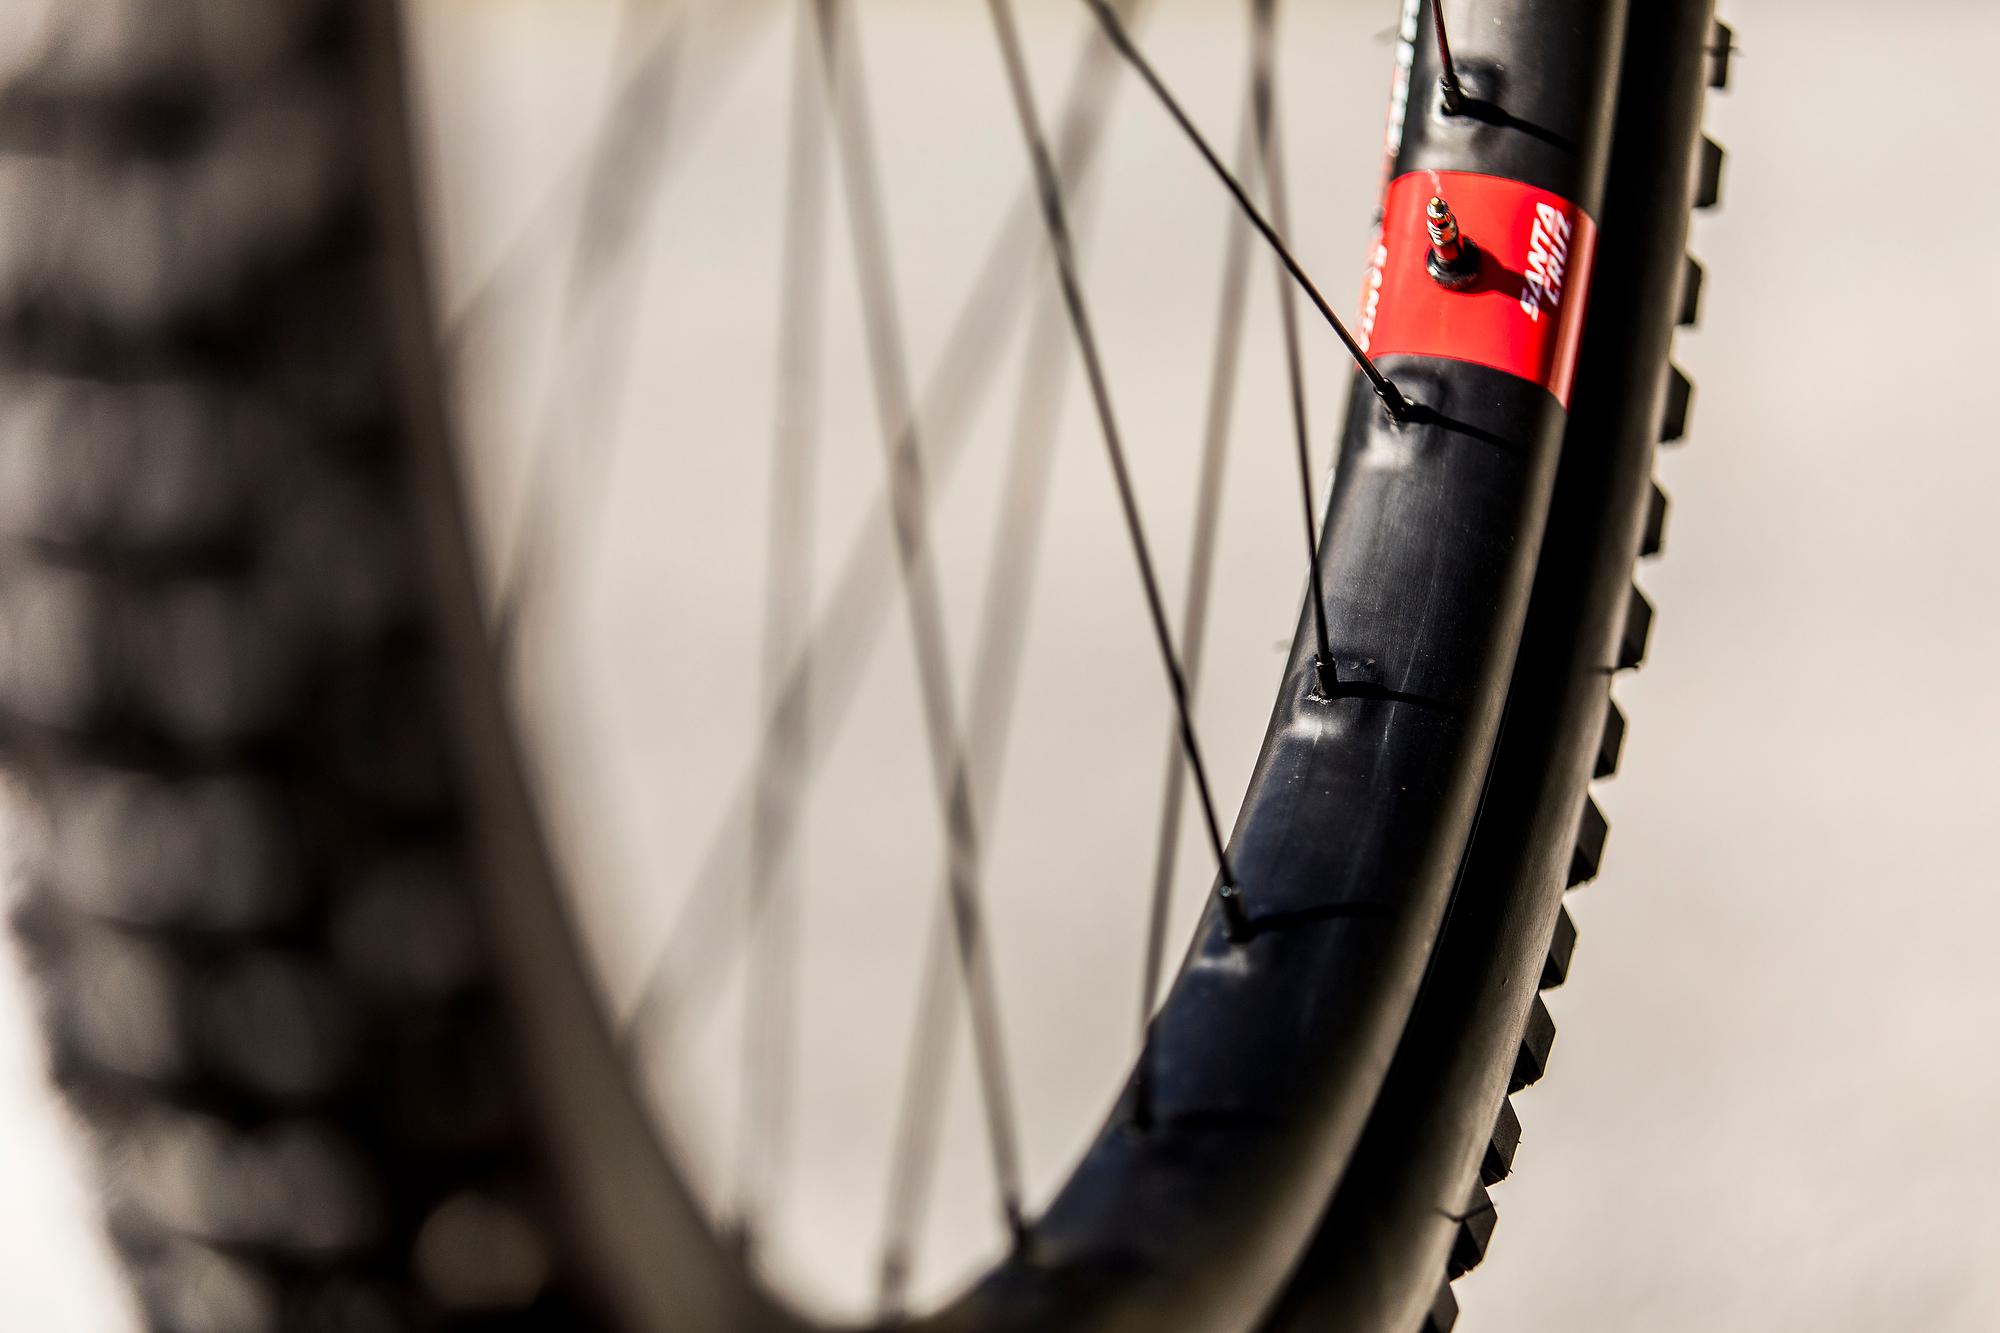 Santa Cruz spent three years developing the new Reserve wheels.